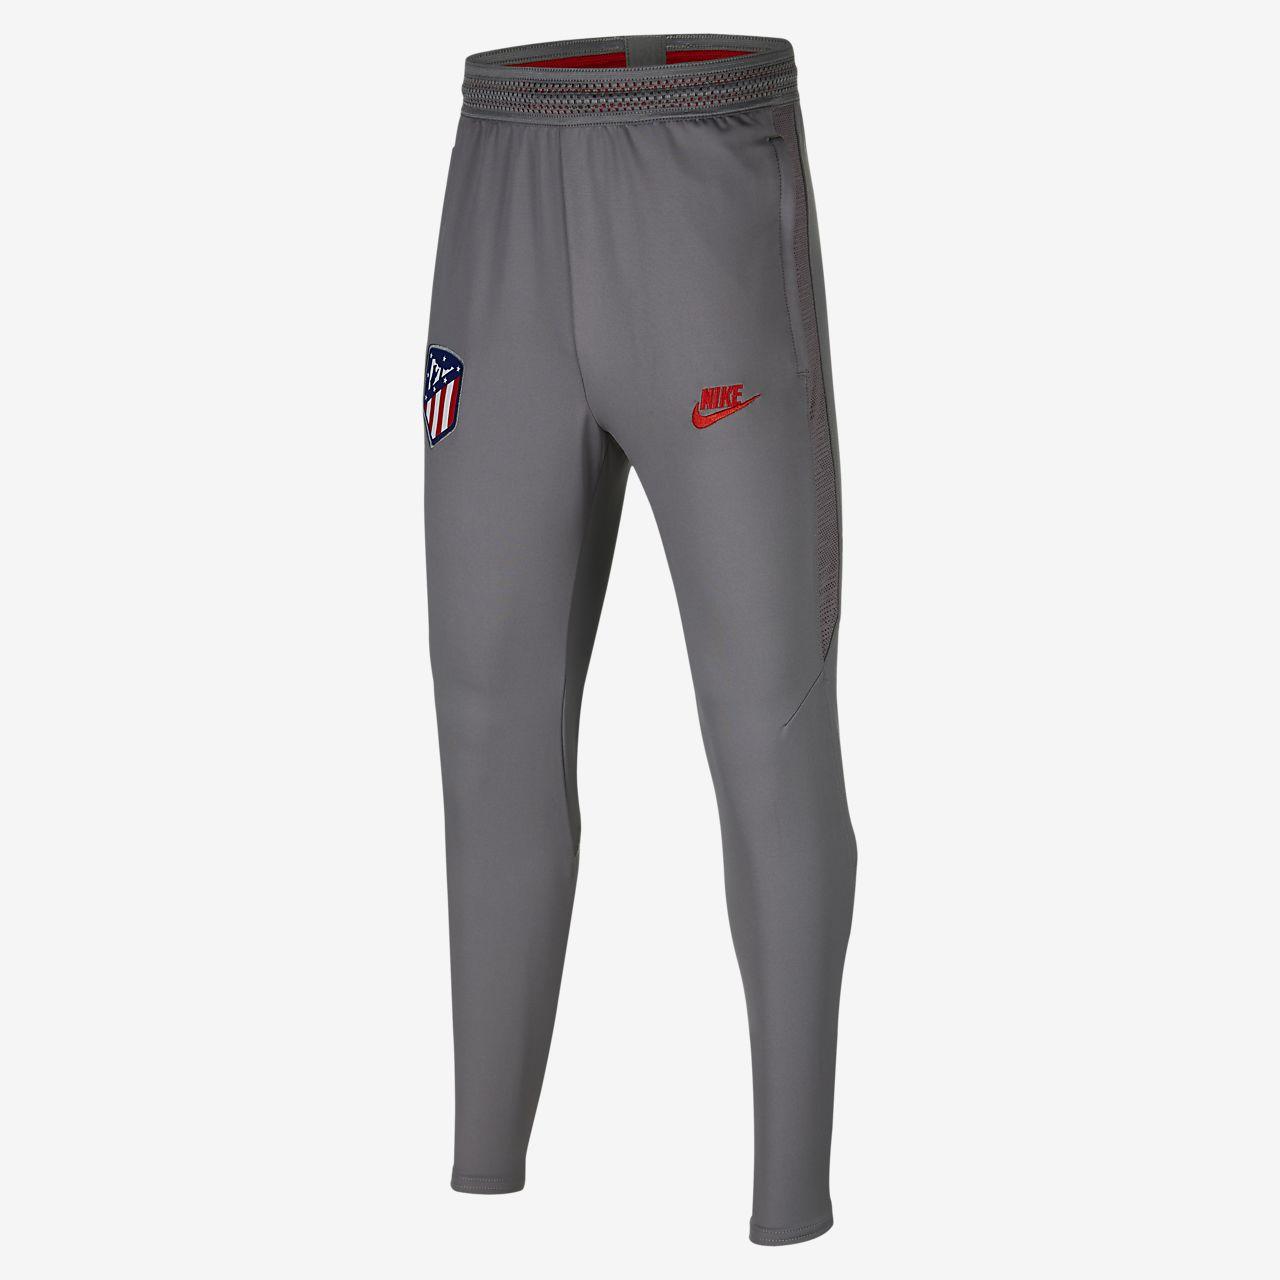 Spodnie piłkarskie dla dużych dzieci Nike Dri-FIT Atlético de Madrid Strike